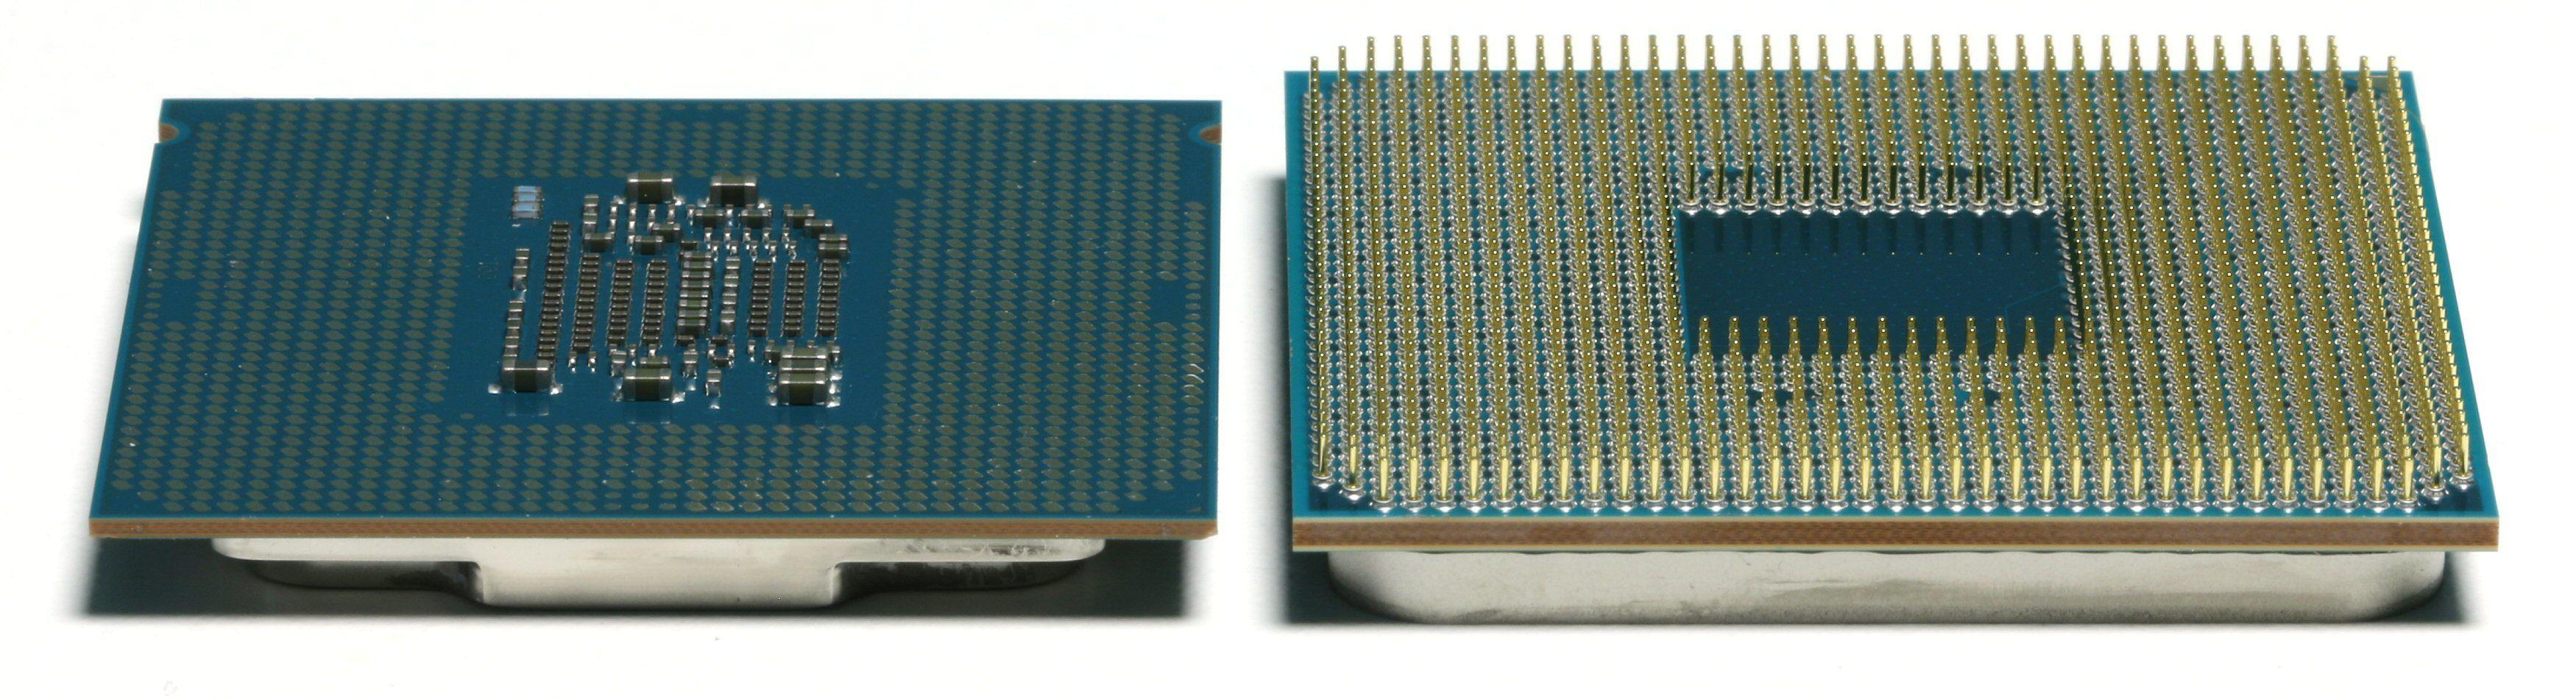 LGA og PGA: En Intel Kaby Lake-prosessor til venstre, en AMD Ryzen-prosessor til høyre.